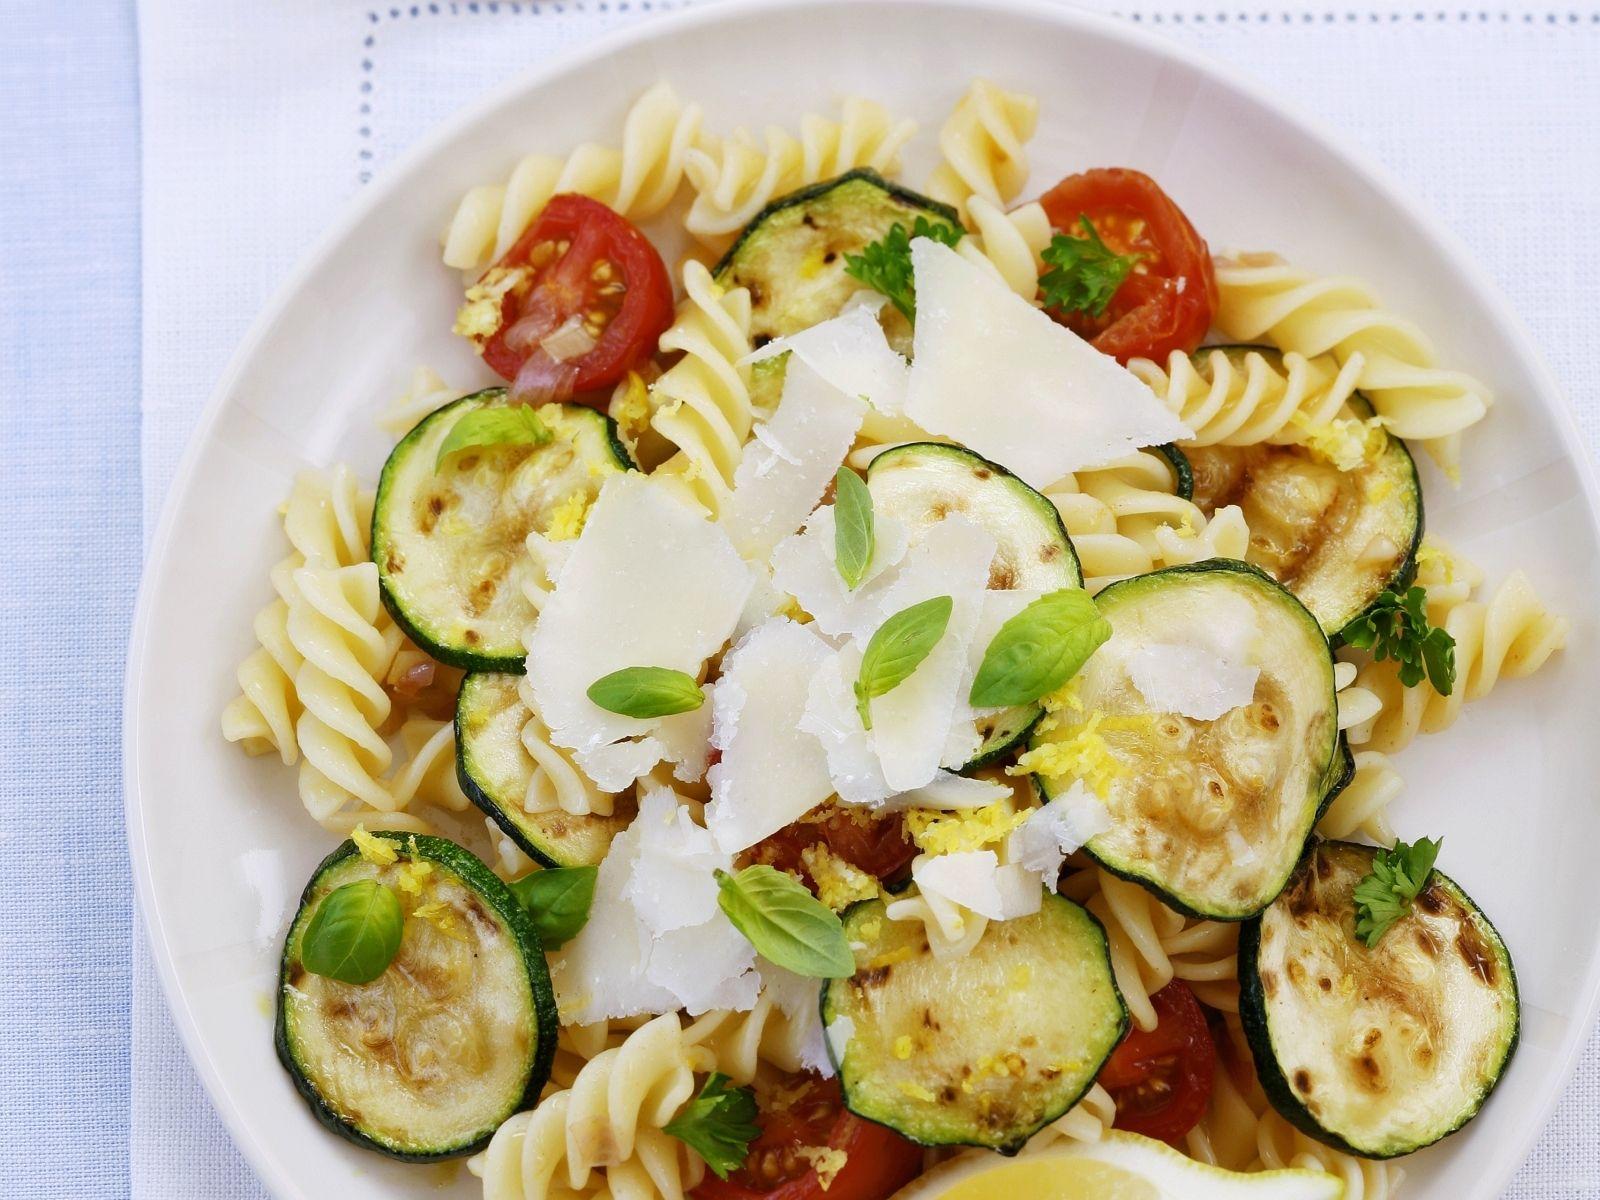 Sommergerichte Zucchini : Sommergerichte zucchini gefüllte zucchini mit ricotta und